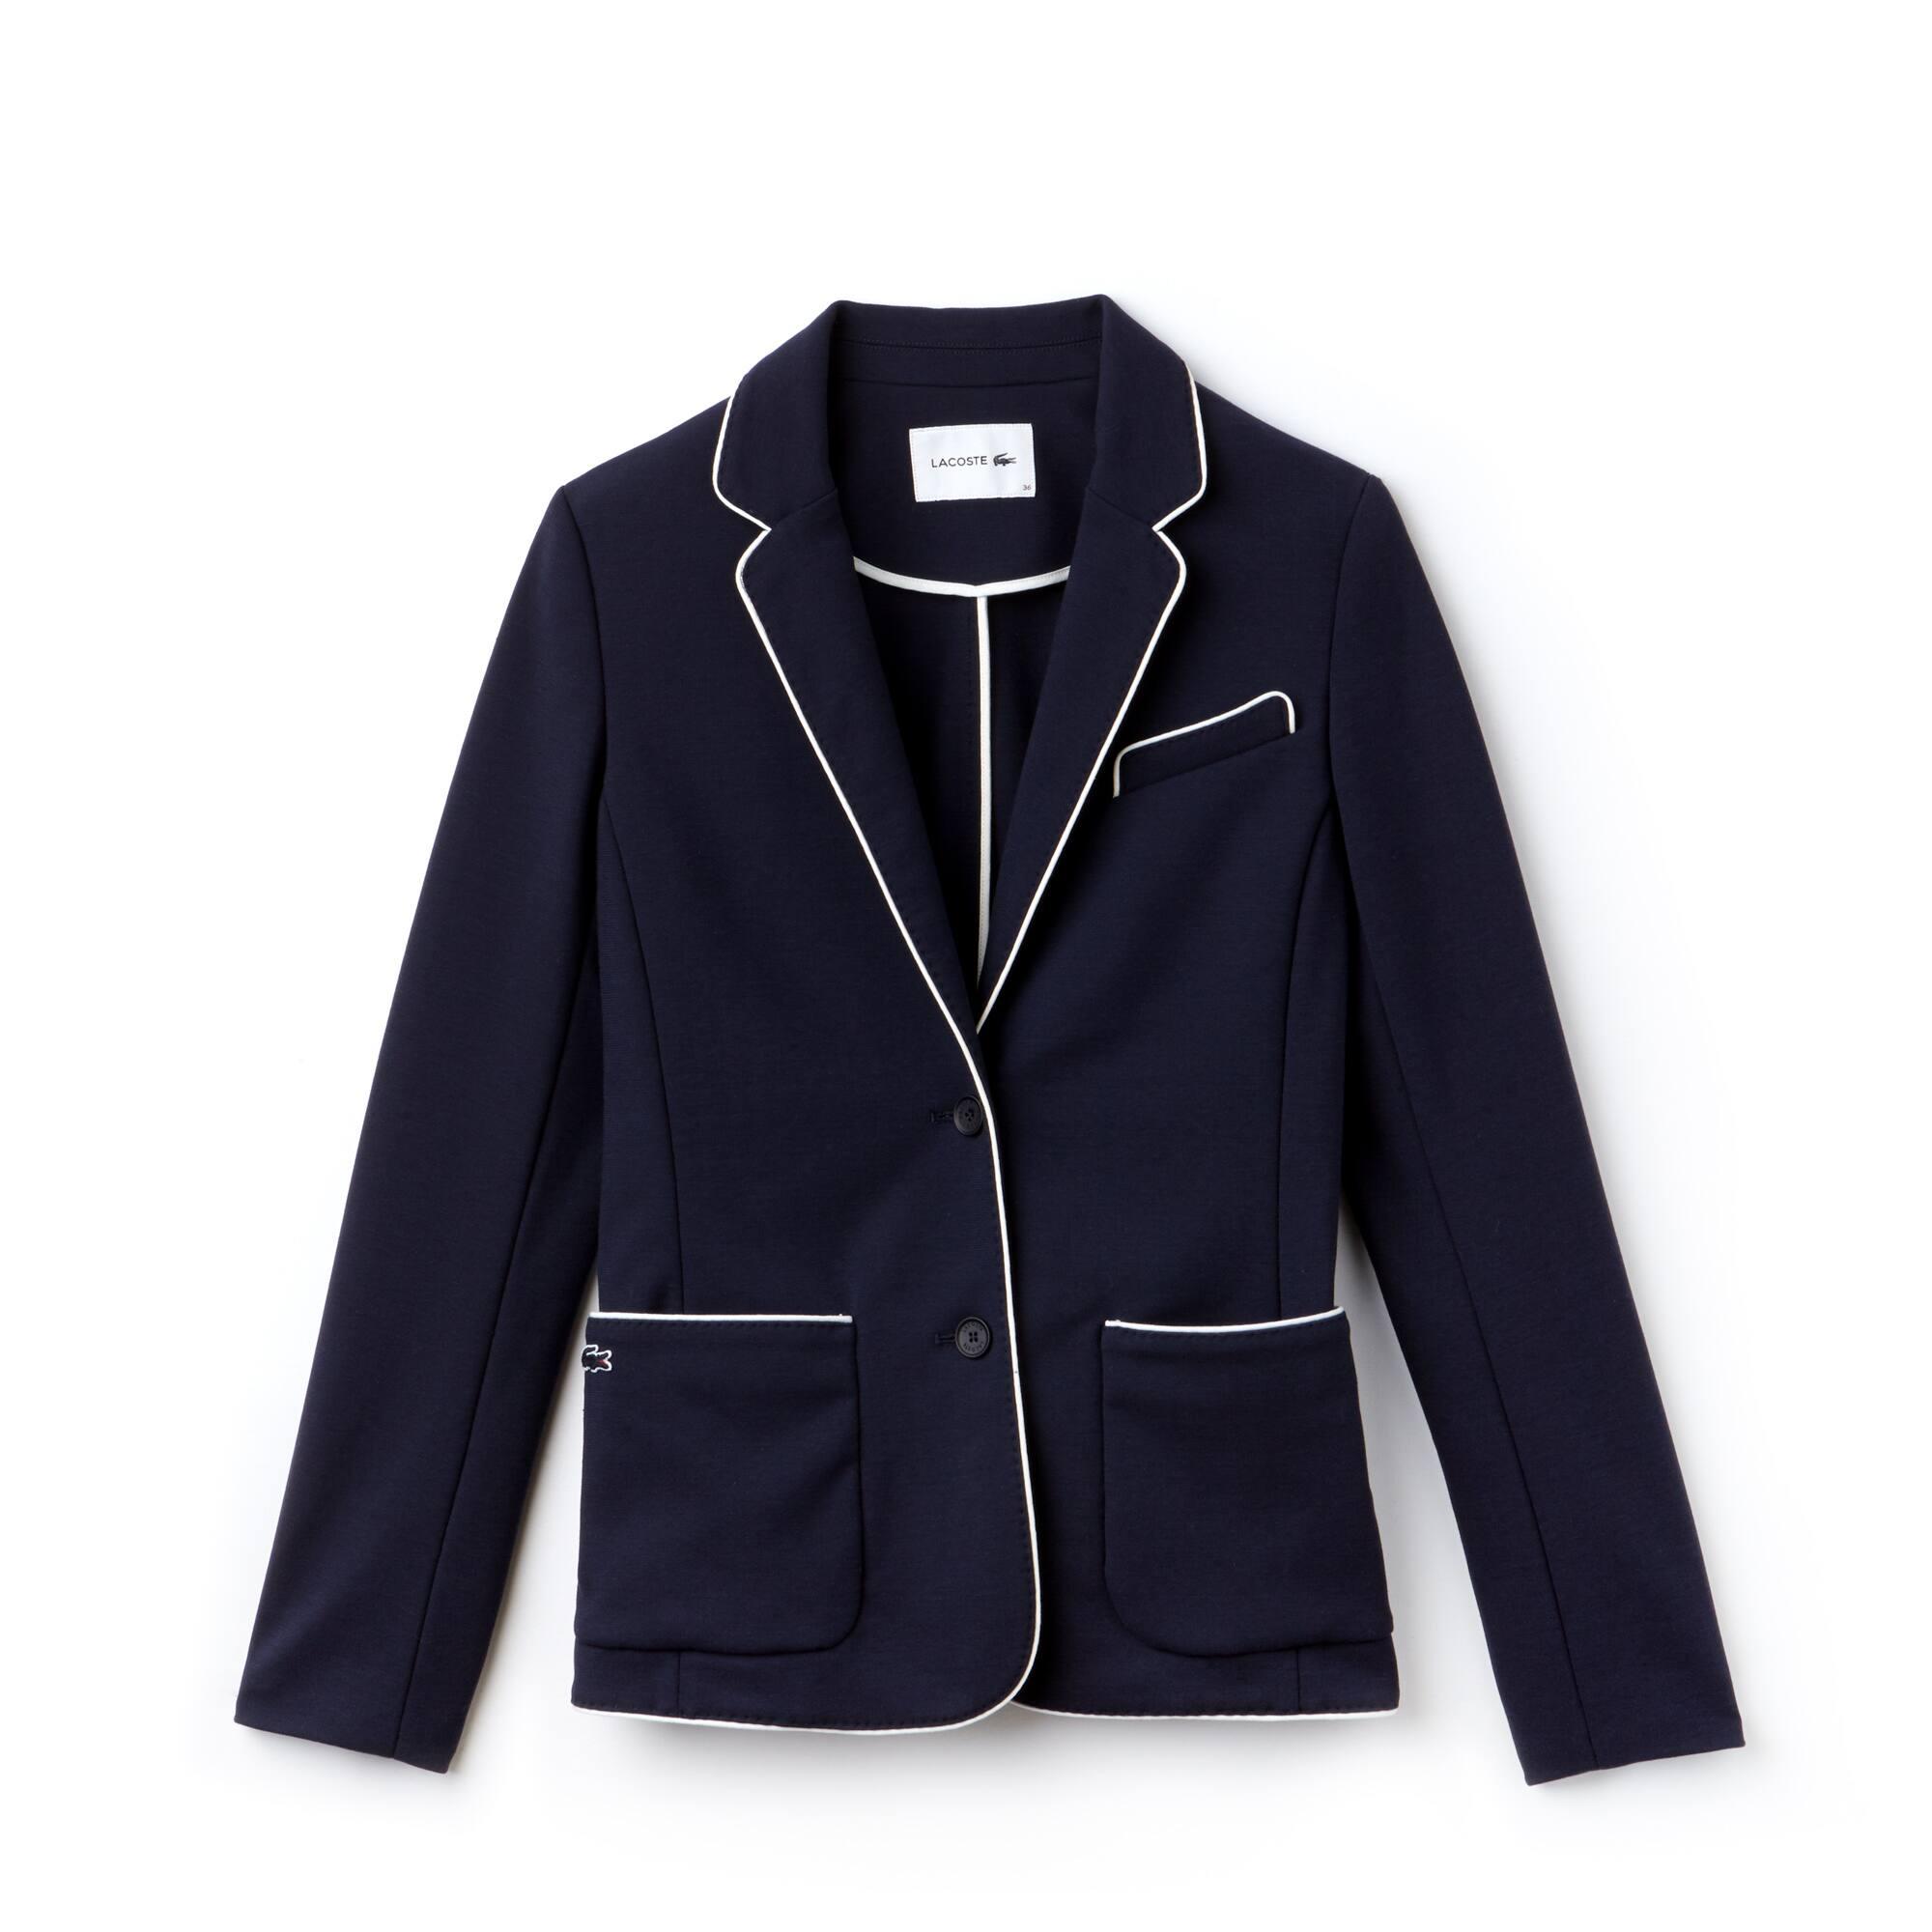 Women's Piped Cotton Crepe Interlock Blazer